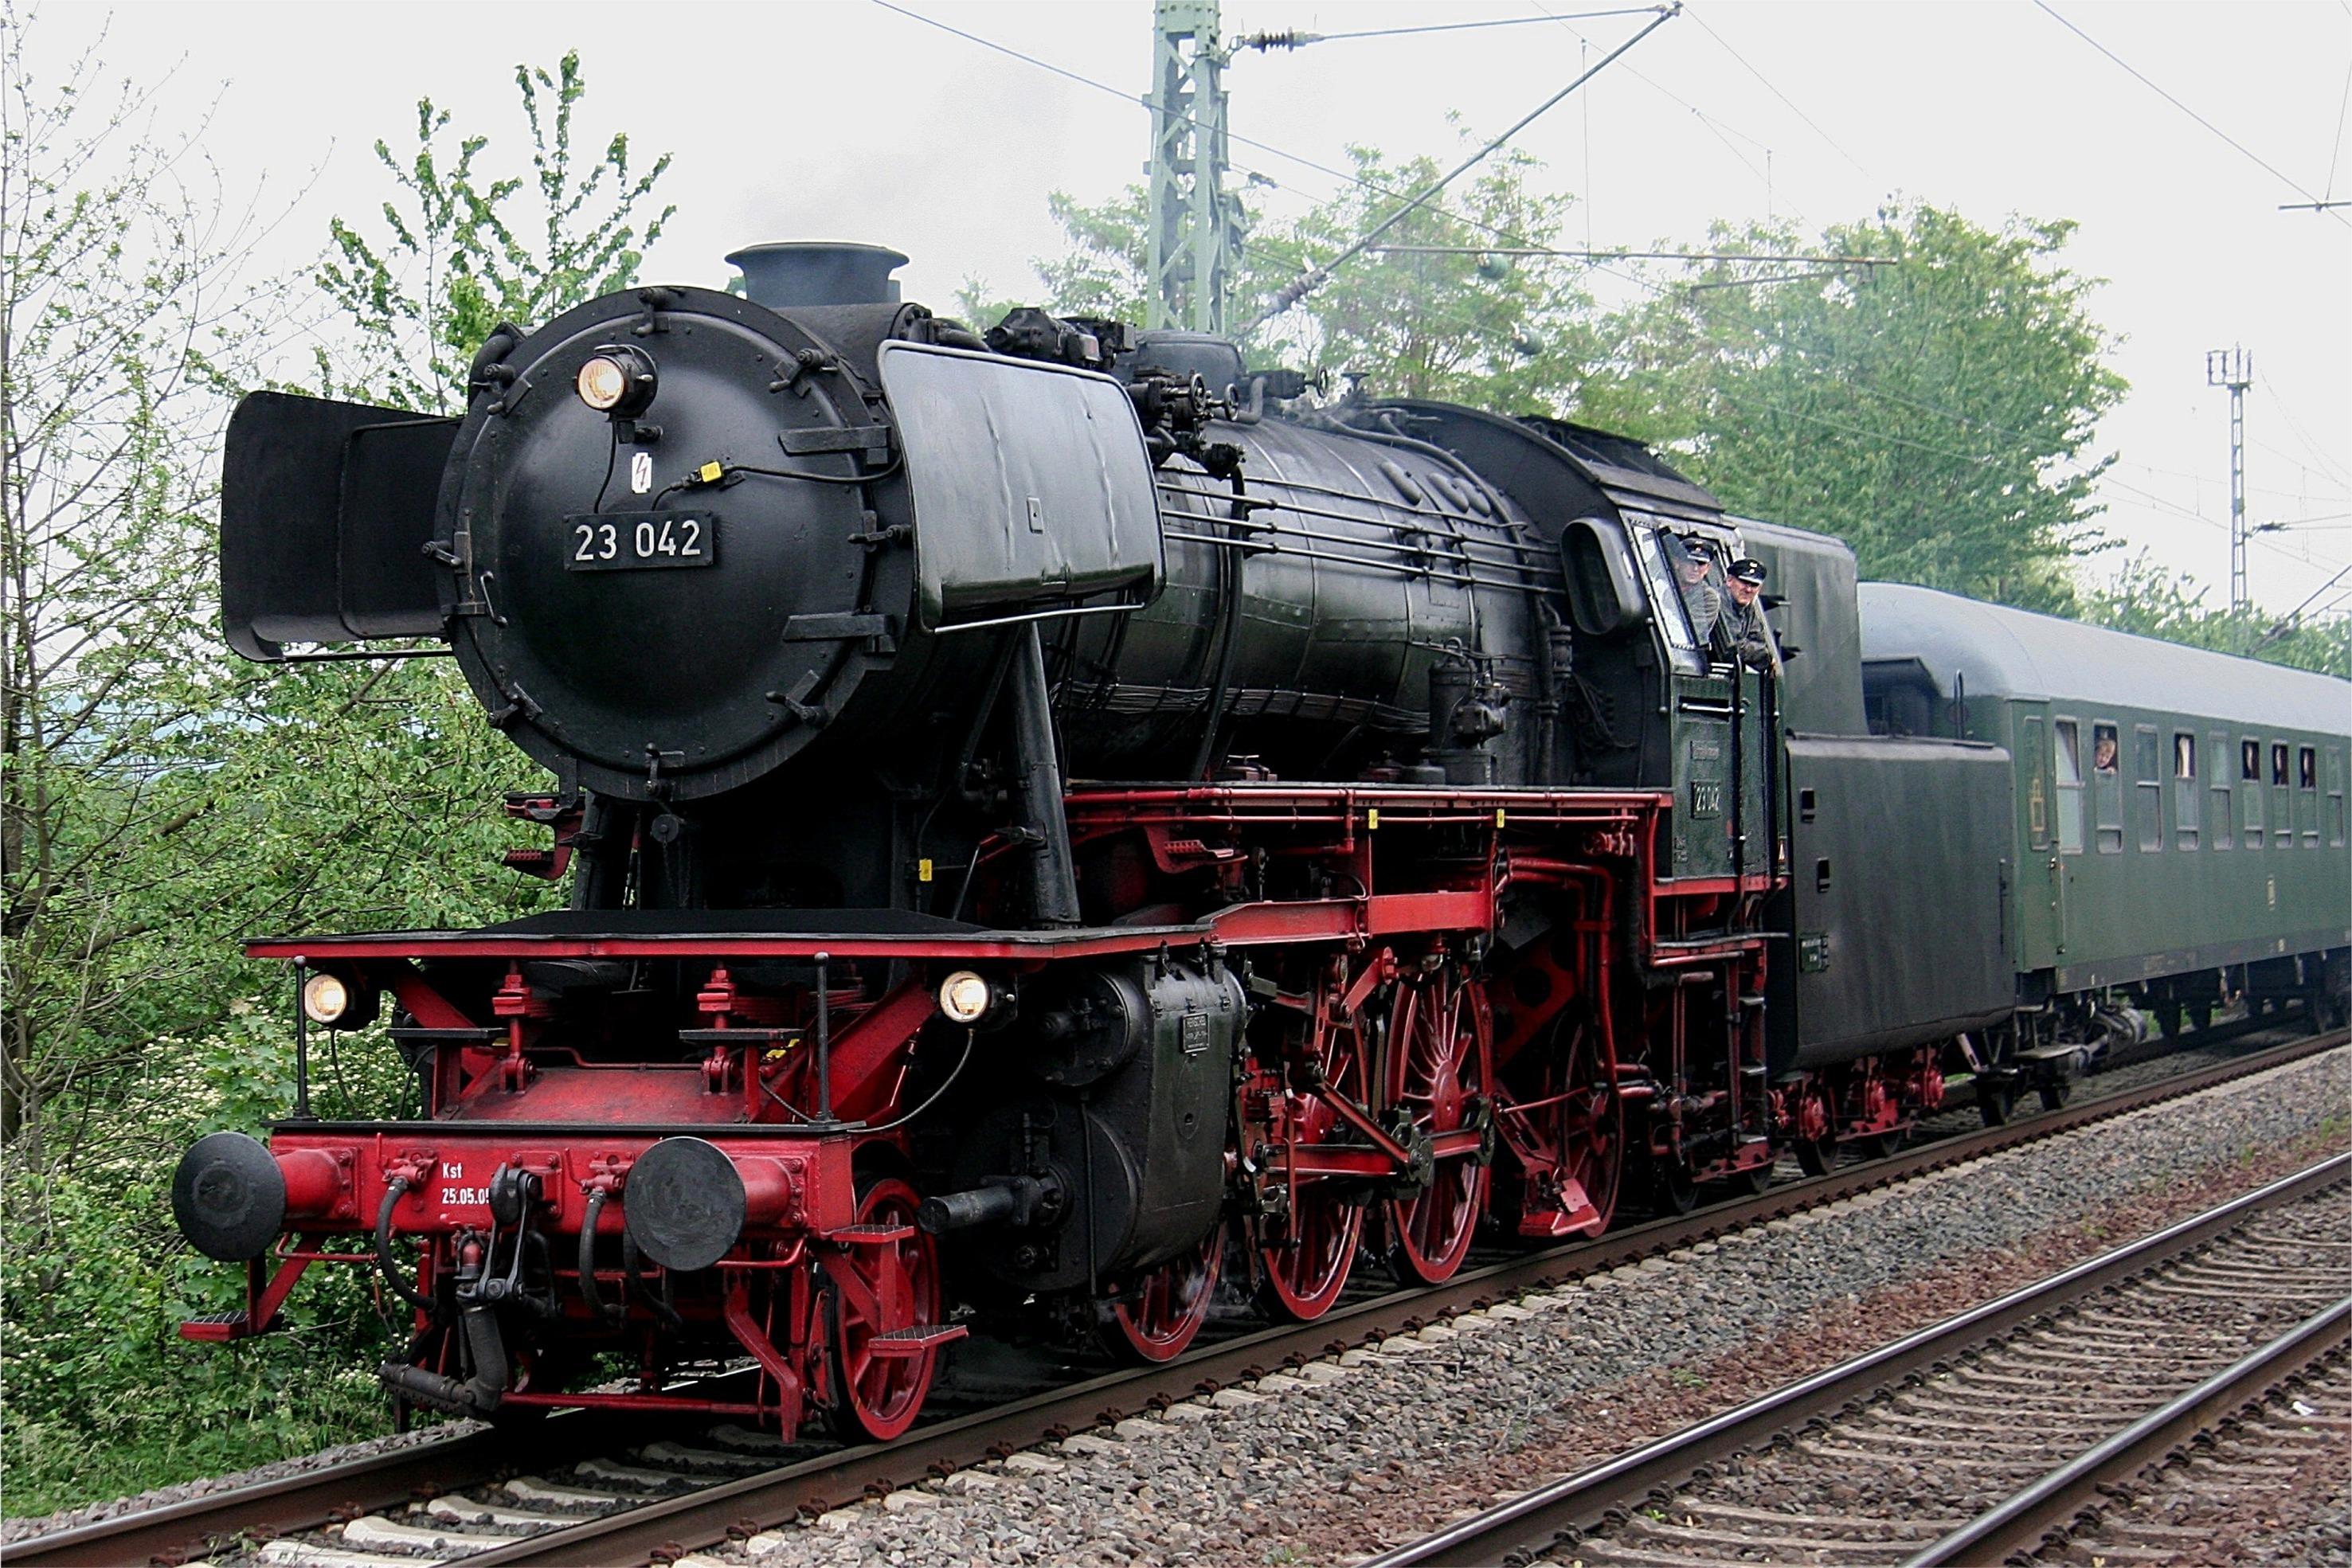 DB-Baureihe 23 – Wikipedia